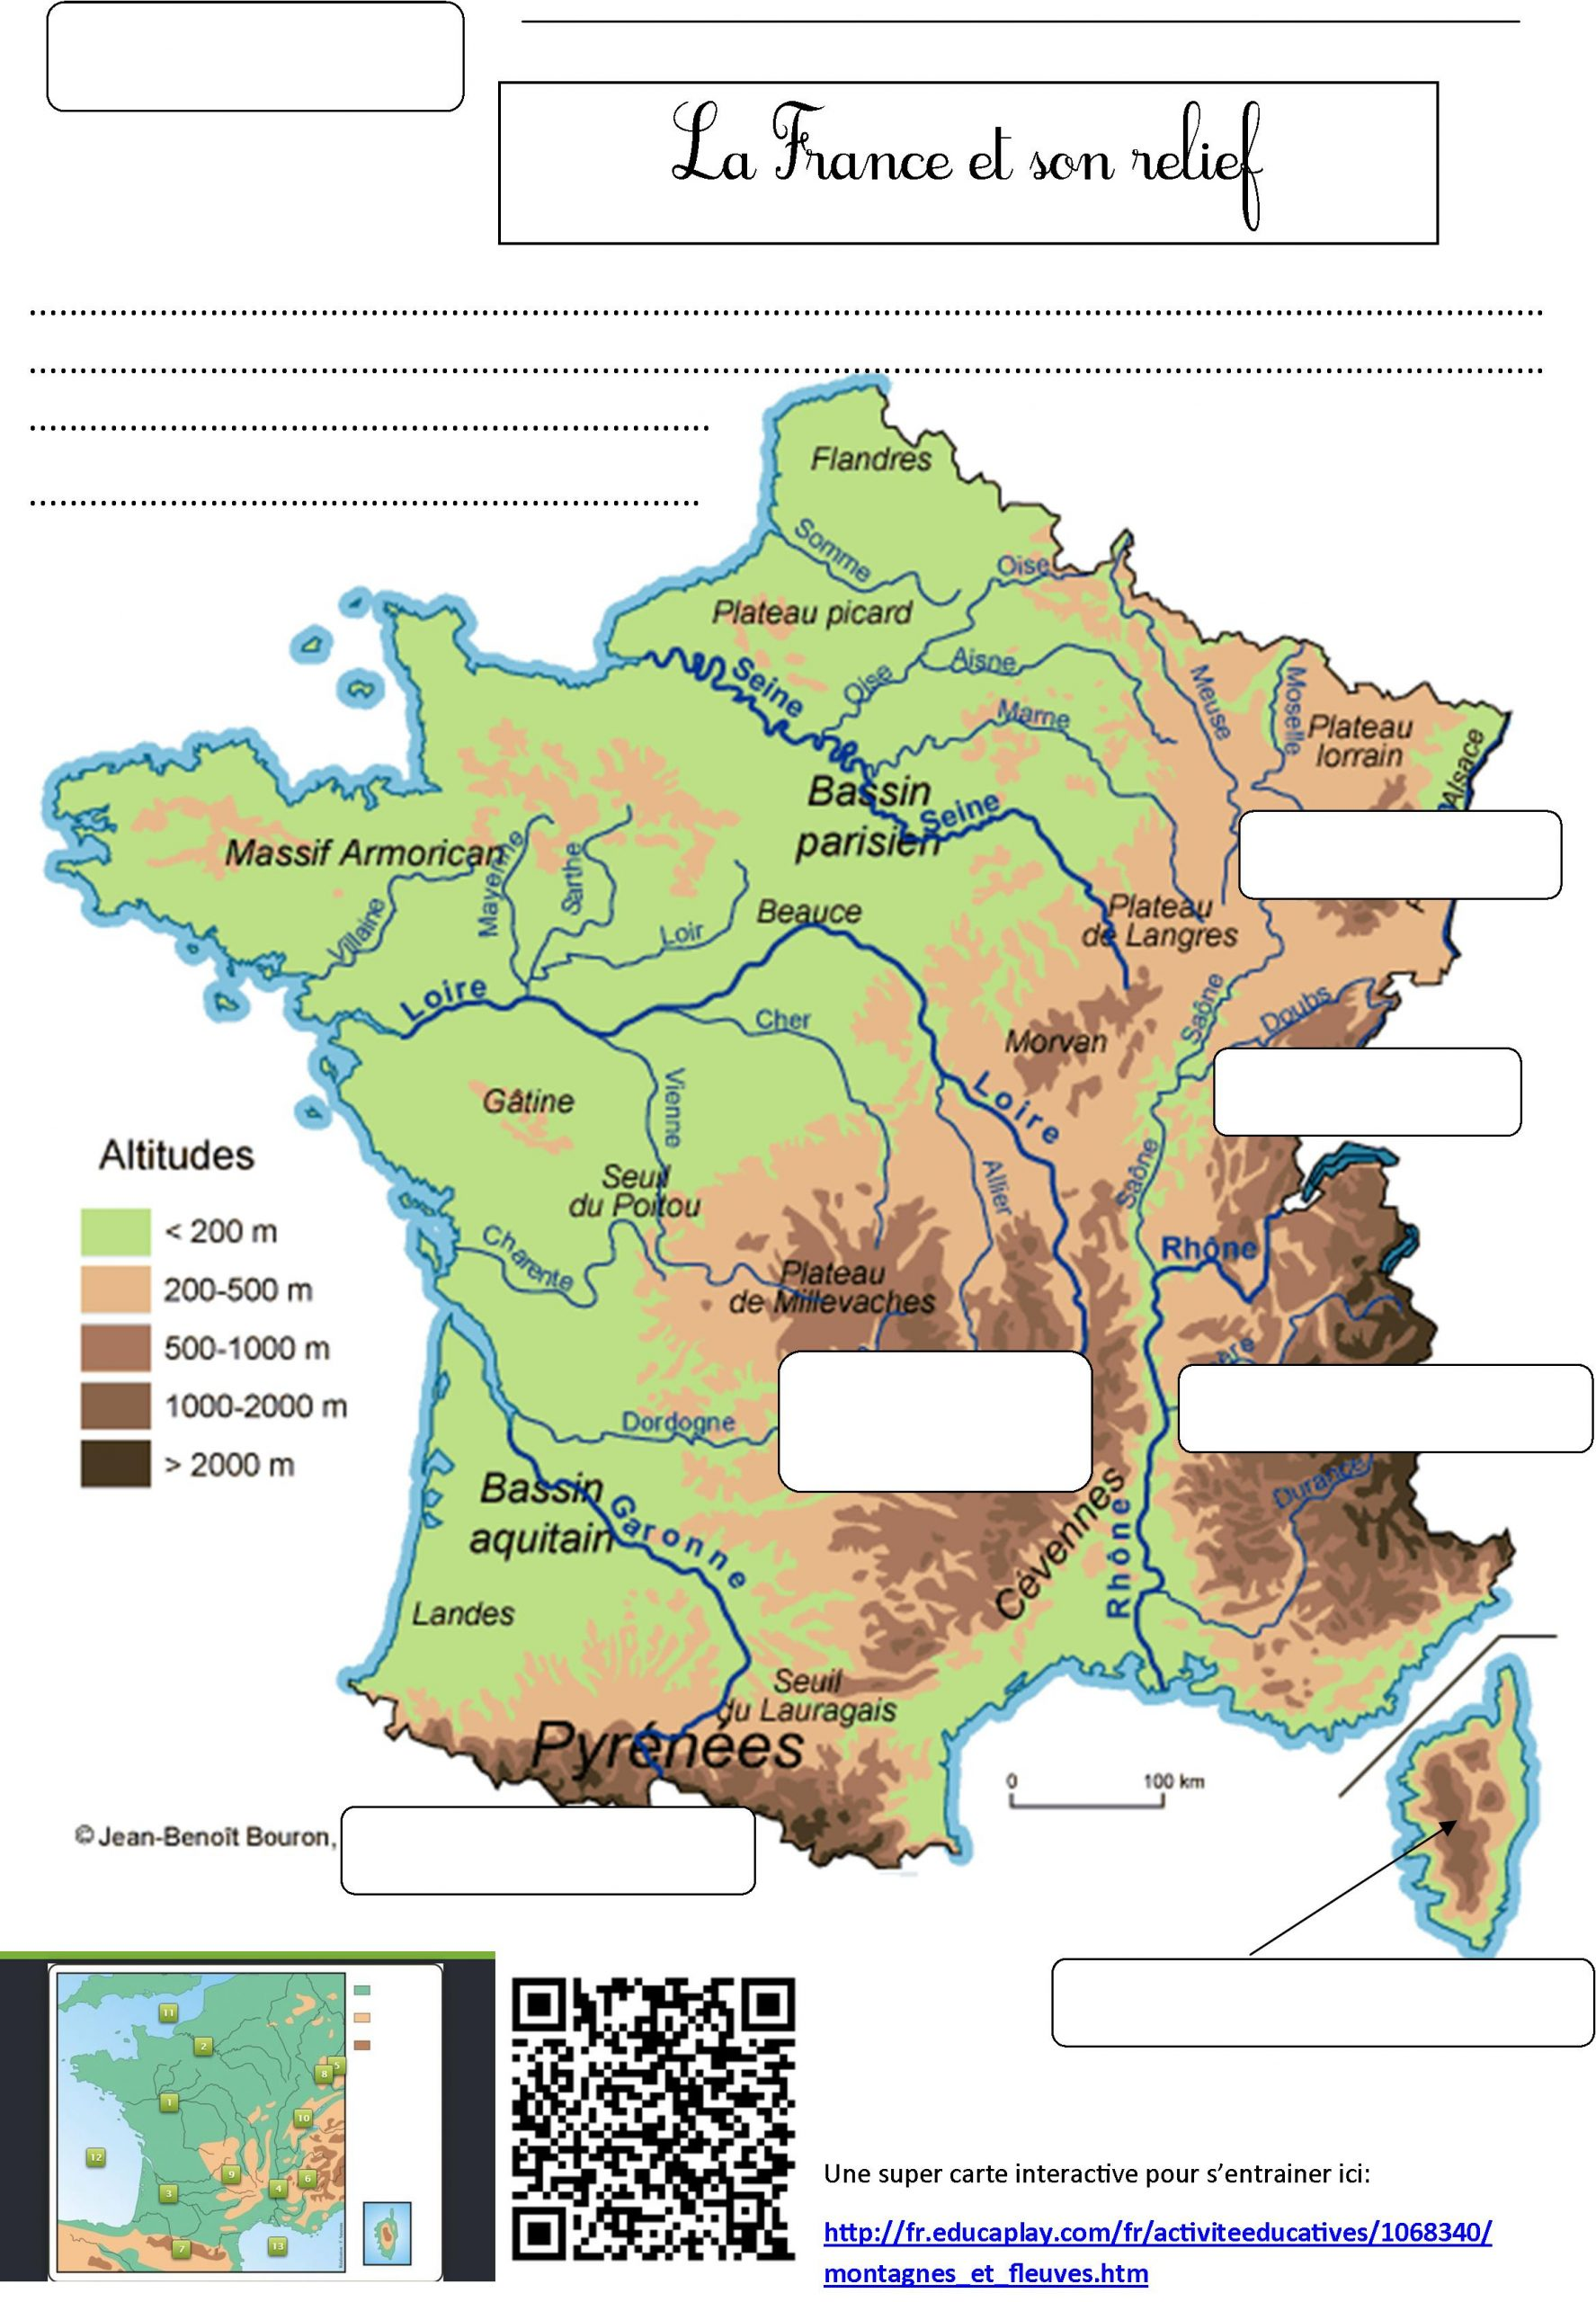 Fleuves De France | Le Blog De Monsieur Mathieu encequiconcerne Carte Des Fleuves En France